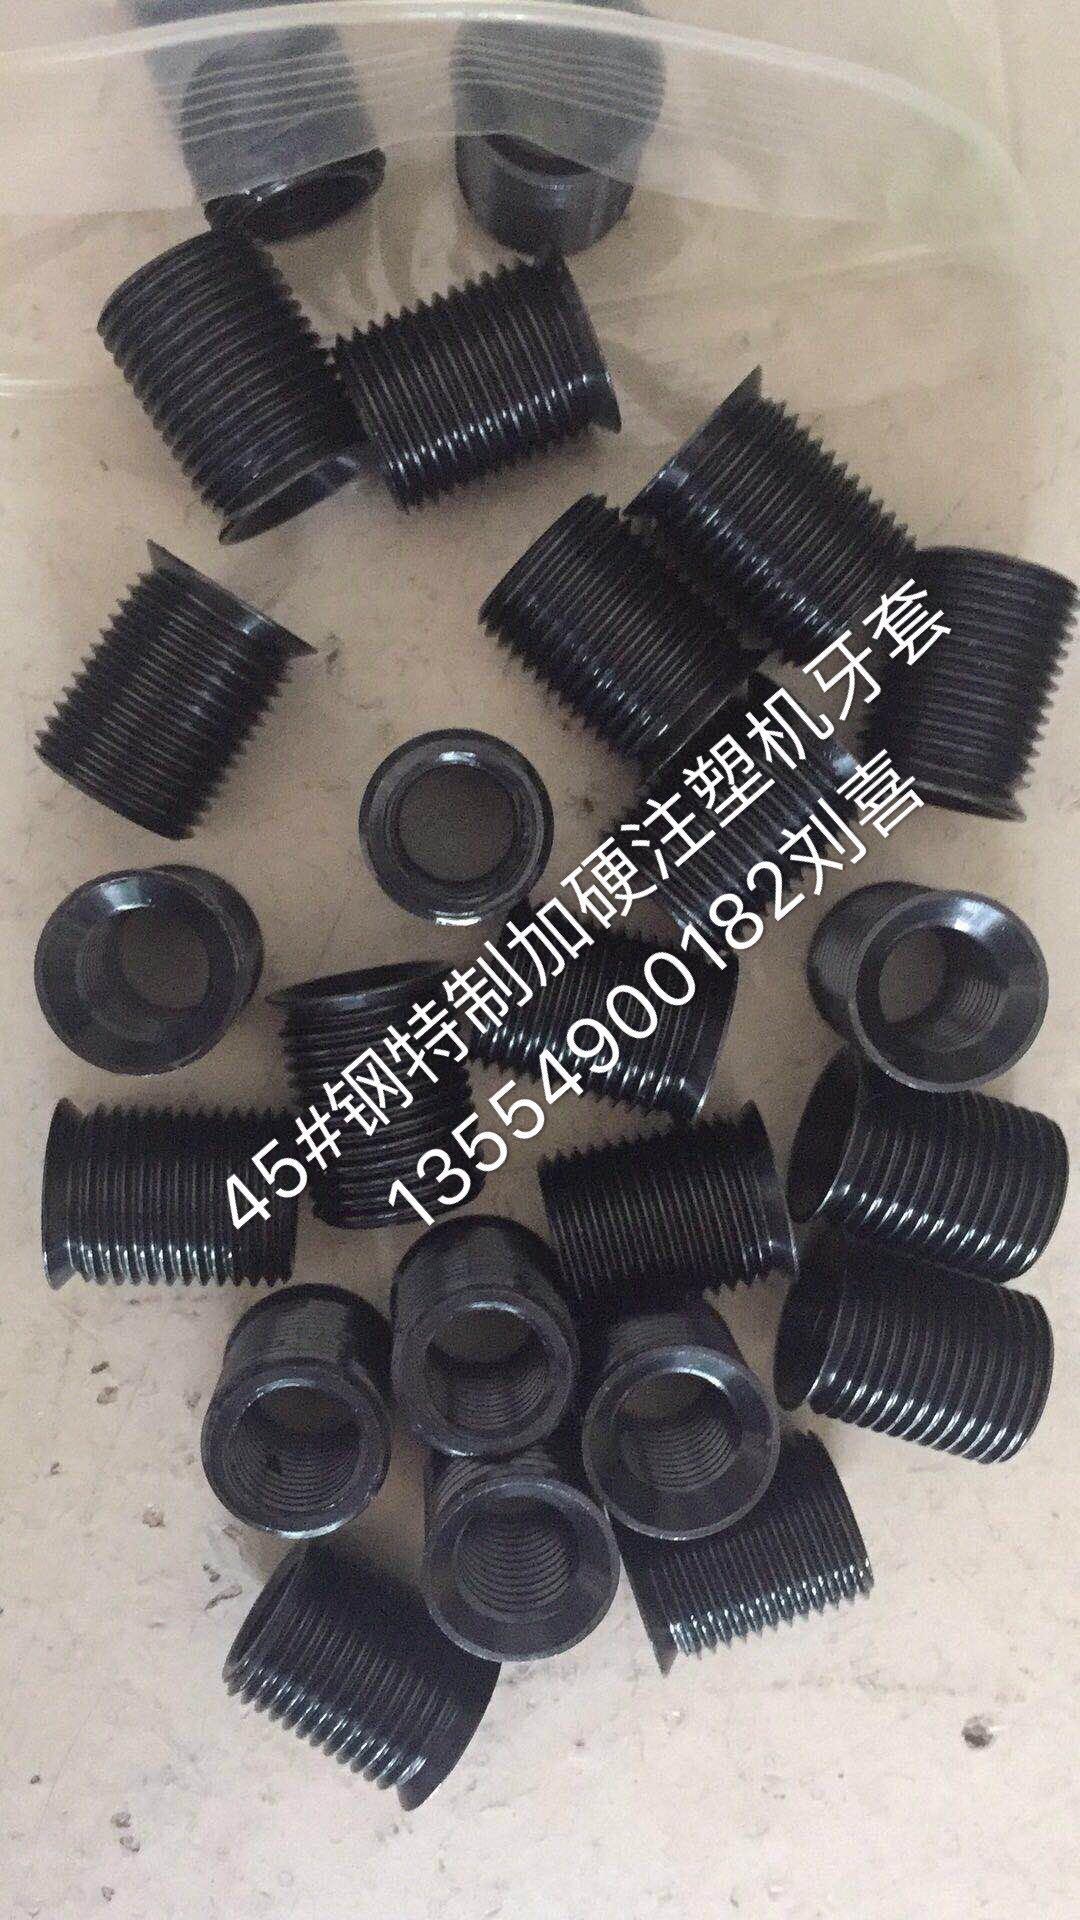 惠东注塑机钻孔攻牙修复模板螺丝孔滑牙